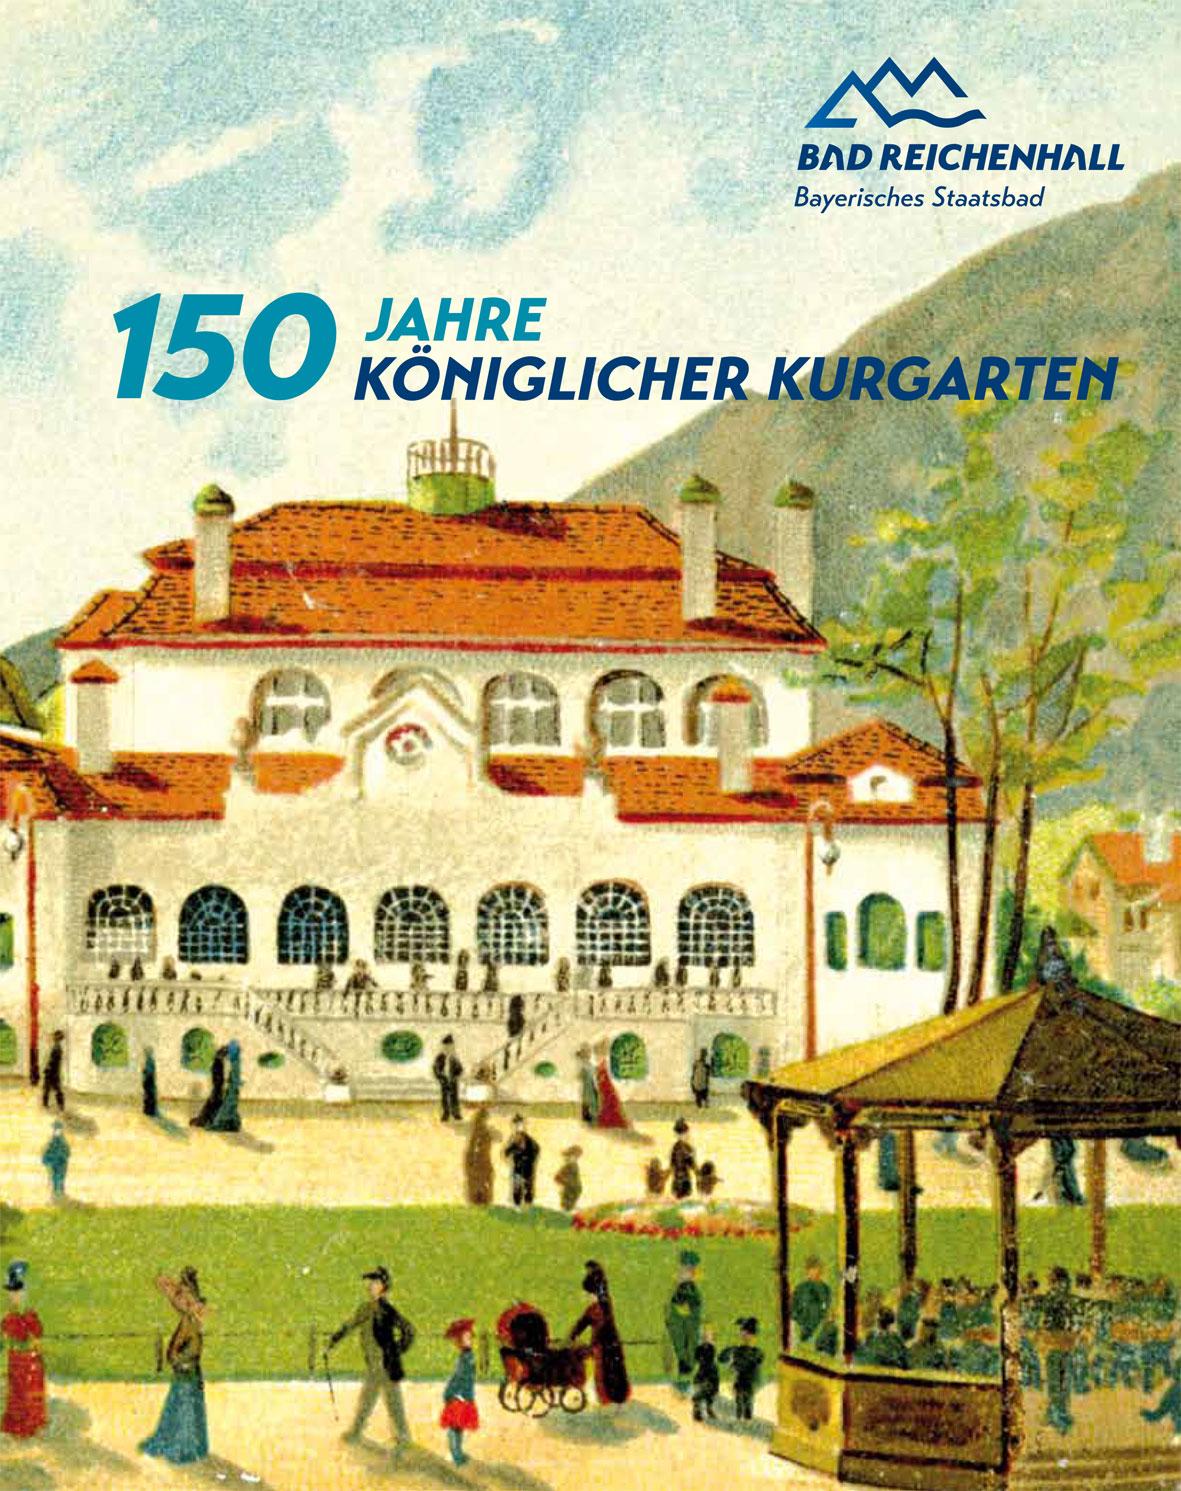 Festschrift Königlicher Kurgarten